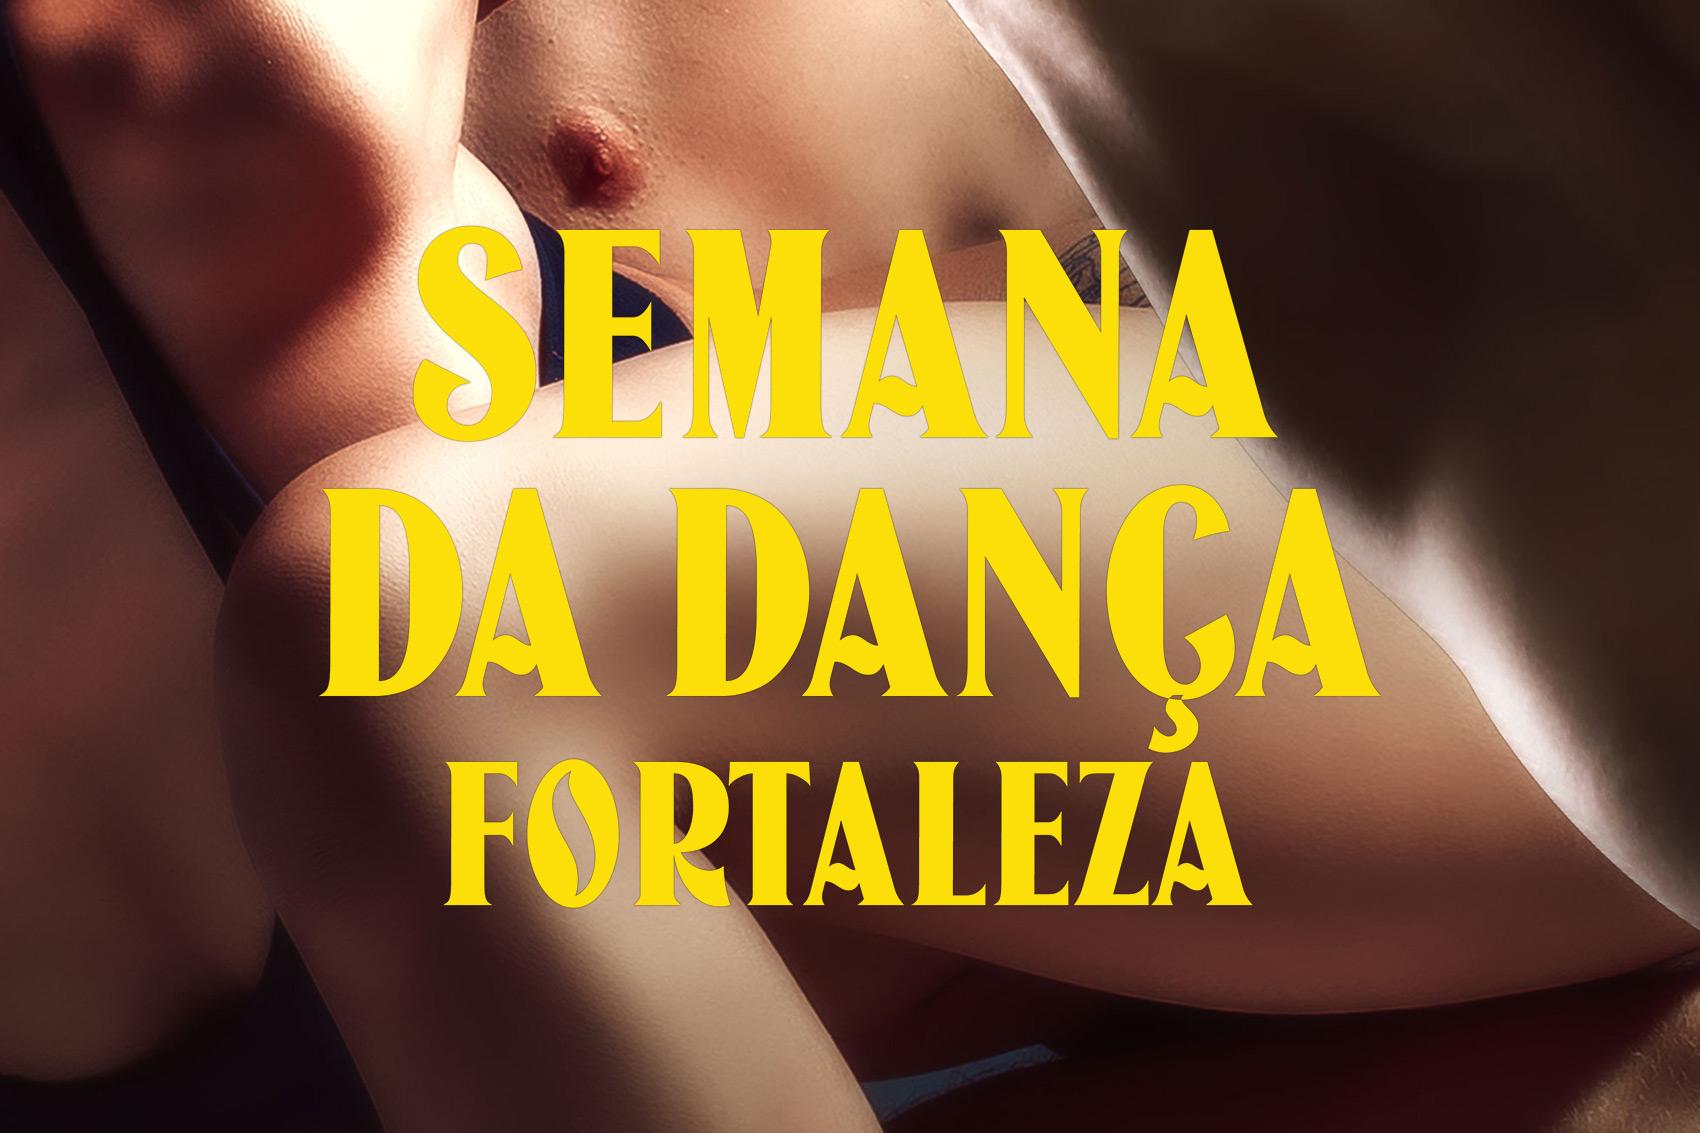 O Karthaz Studio comemora o Dia da Dança, sábado 28 de abril a partir de 17h!